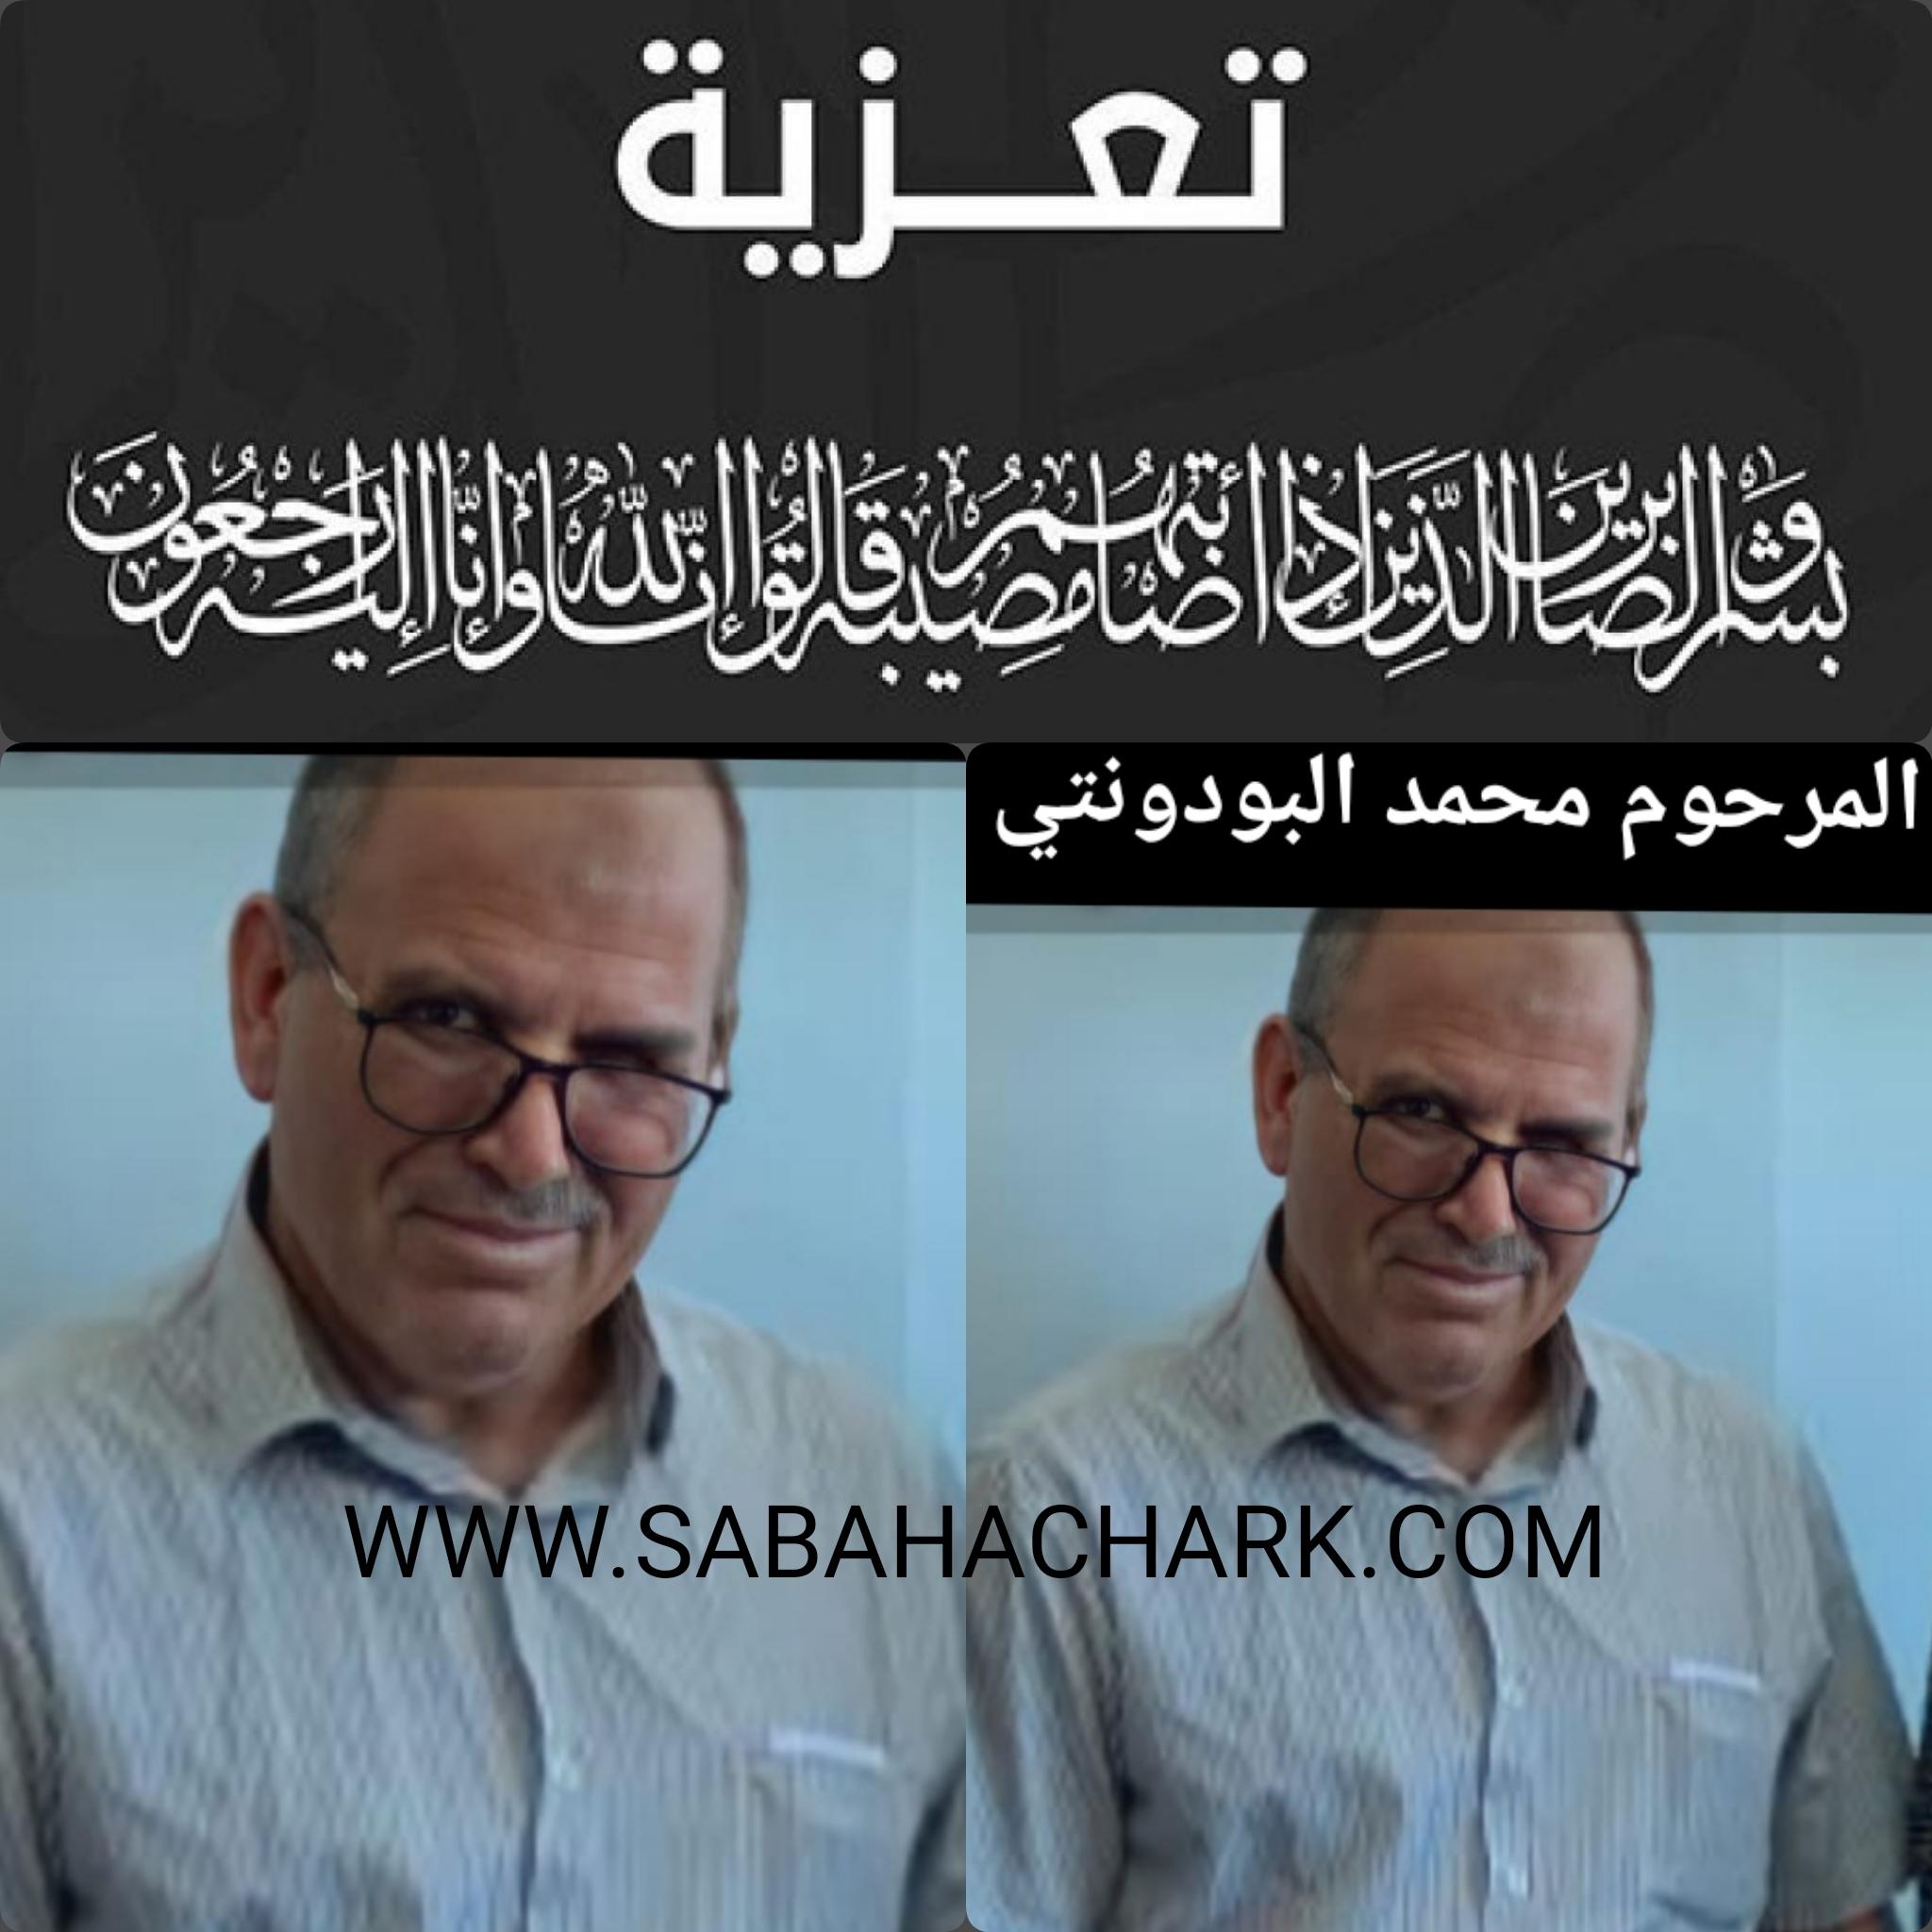 محمد البودونتي رئيس خلية الإكتشافات بمصلحة التسجيل والتنبر والضرائب ببركان في ذمة الله